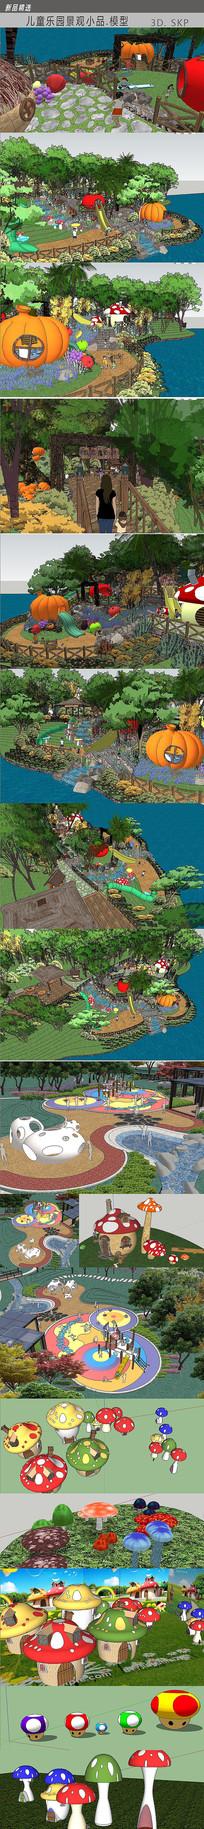 儿童乐园景观小品模型